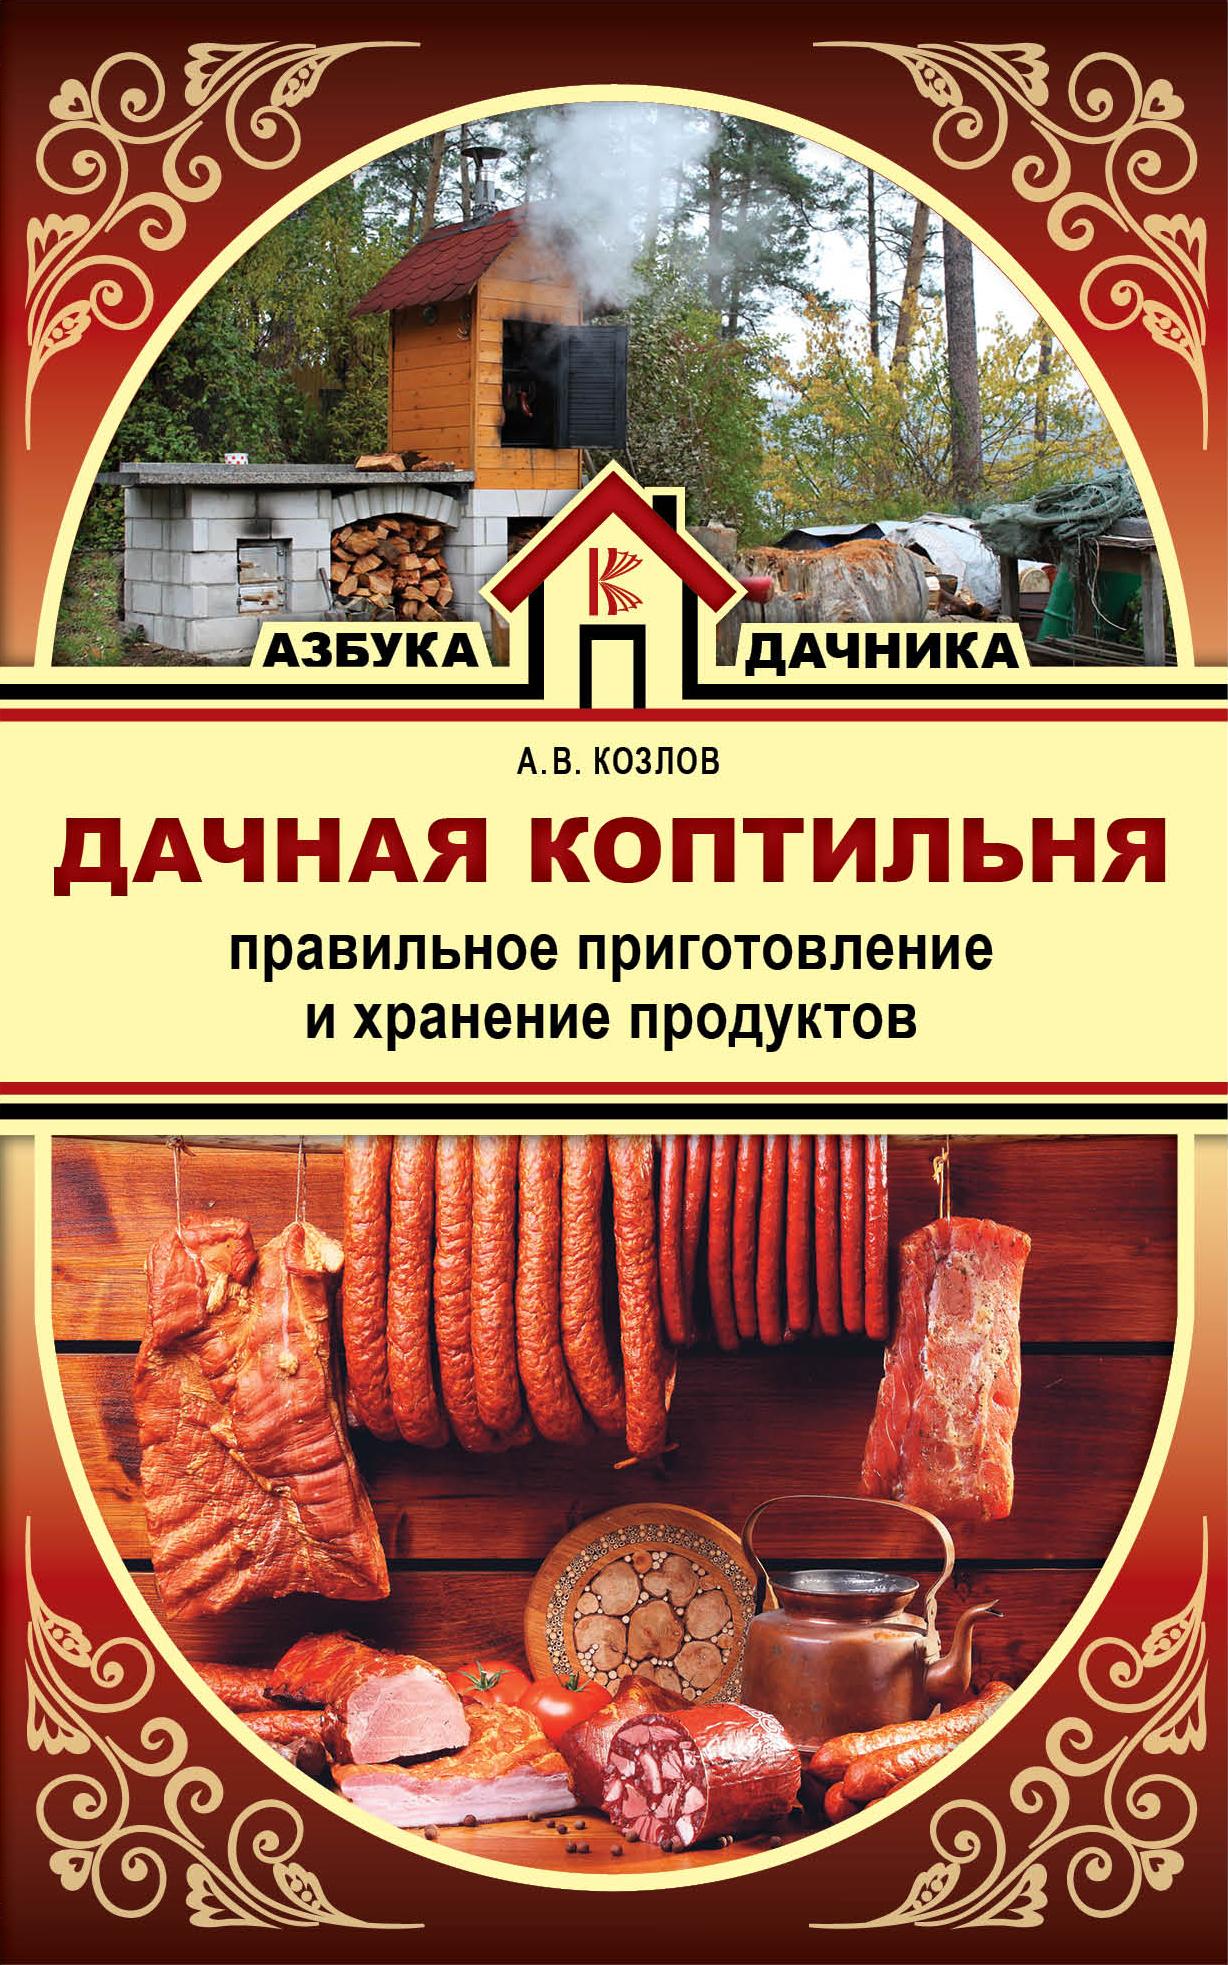 Дачная коптильня. Правильное приготовление и хранение продуктов ( Козлов А.В.  )